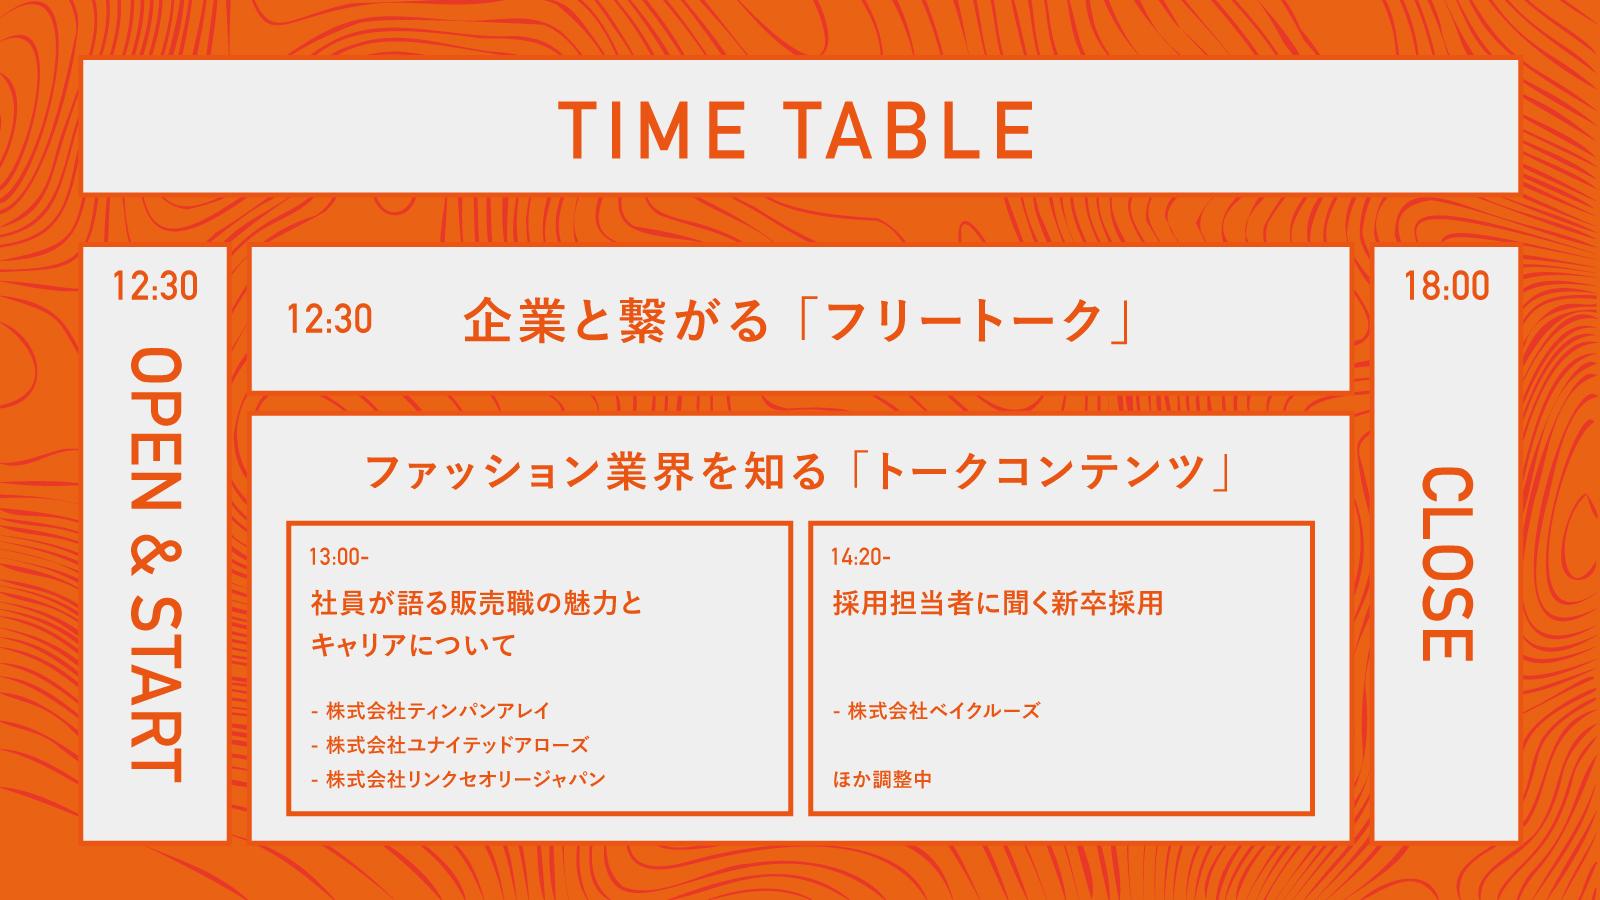 READY TO FASHION OFFLINE 006 タイムテーブル